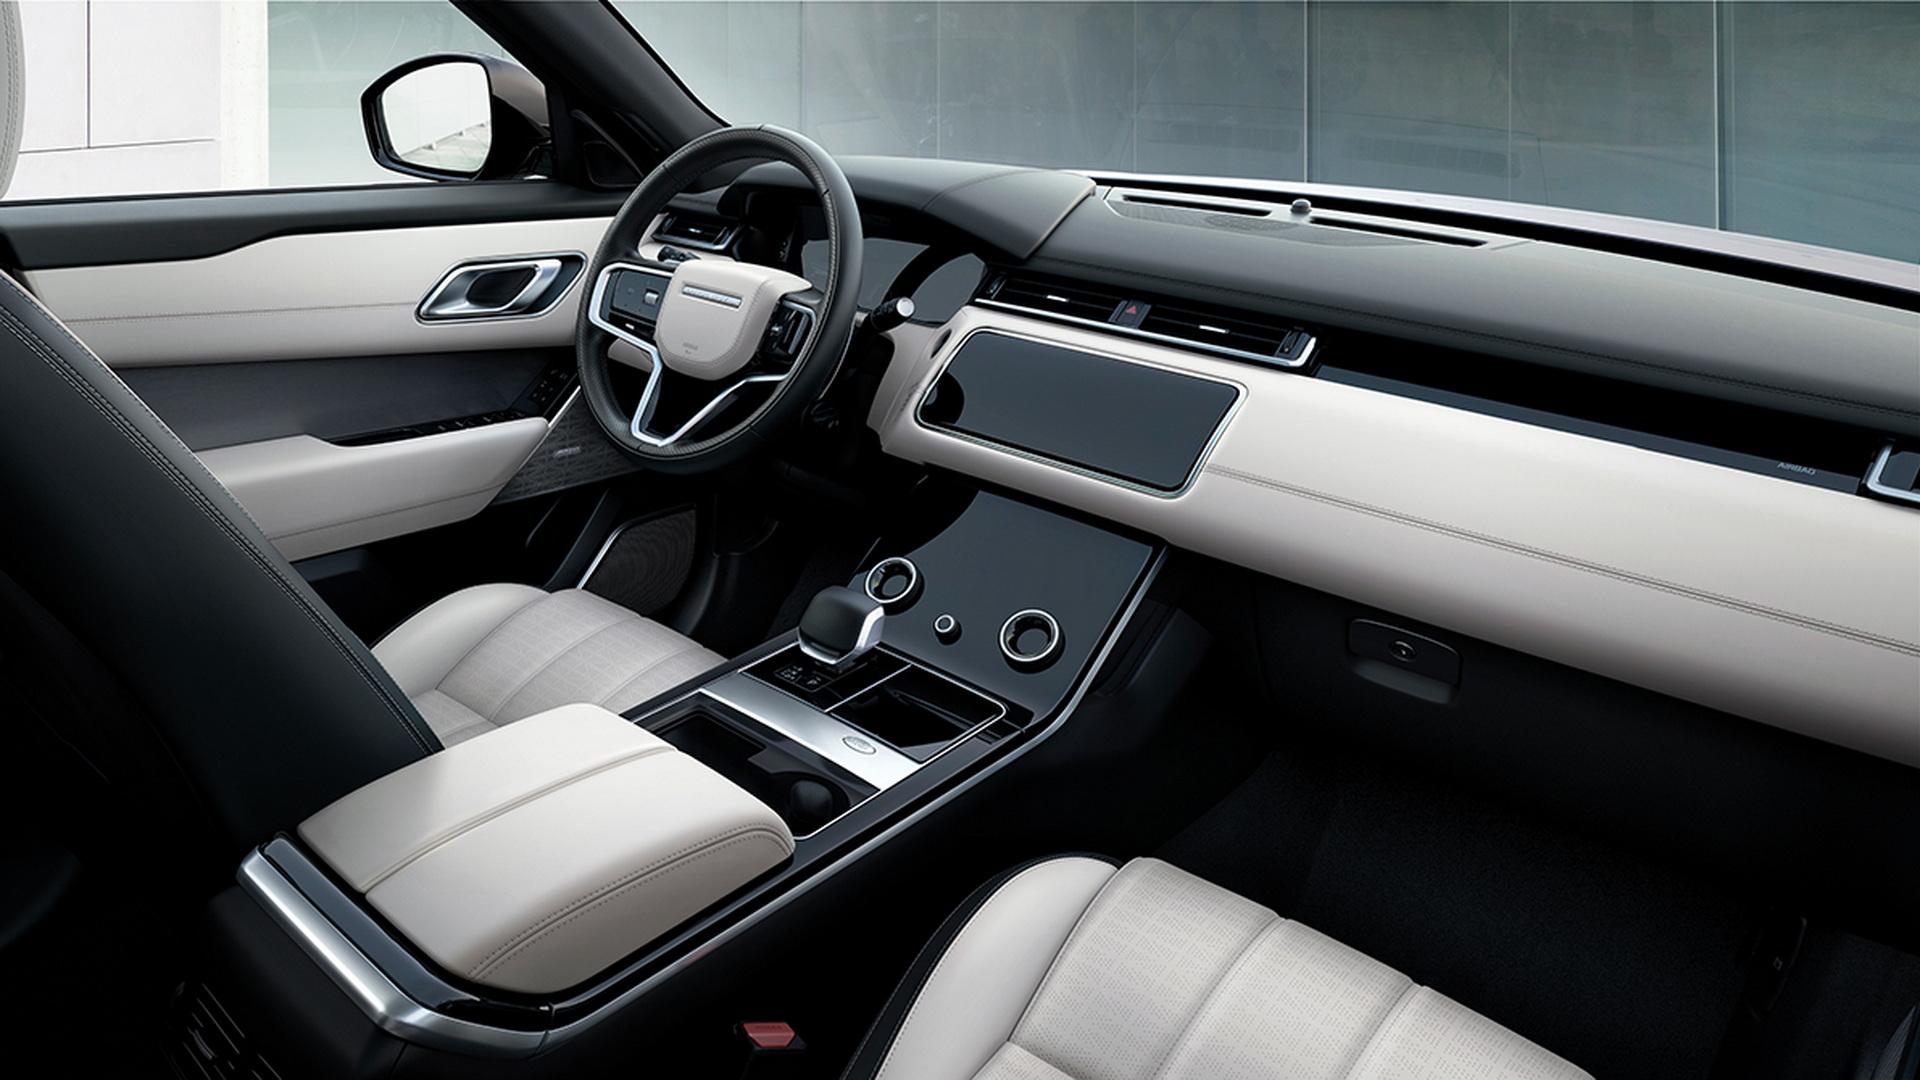 Land-Rover-ra-mắt-Range-Rover-Velar-2022-với-nhiều-nâng-cấp (14).jpg